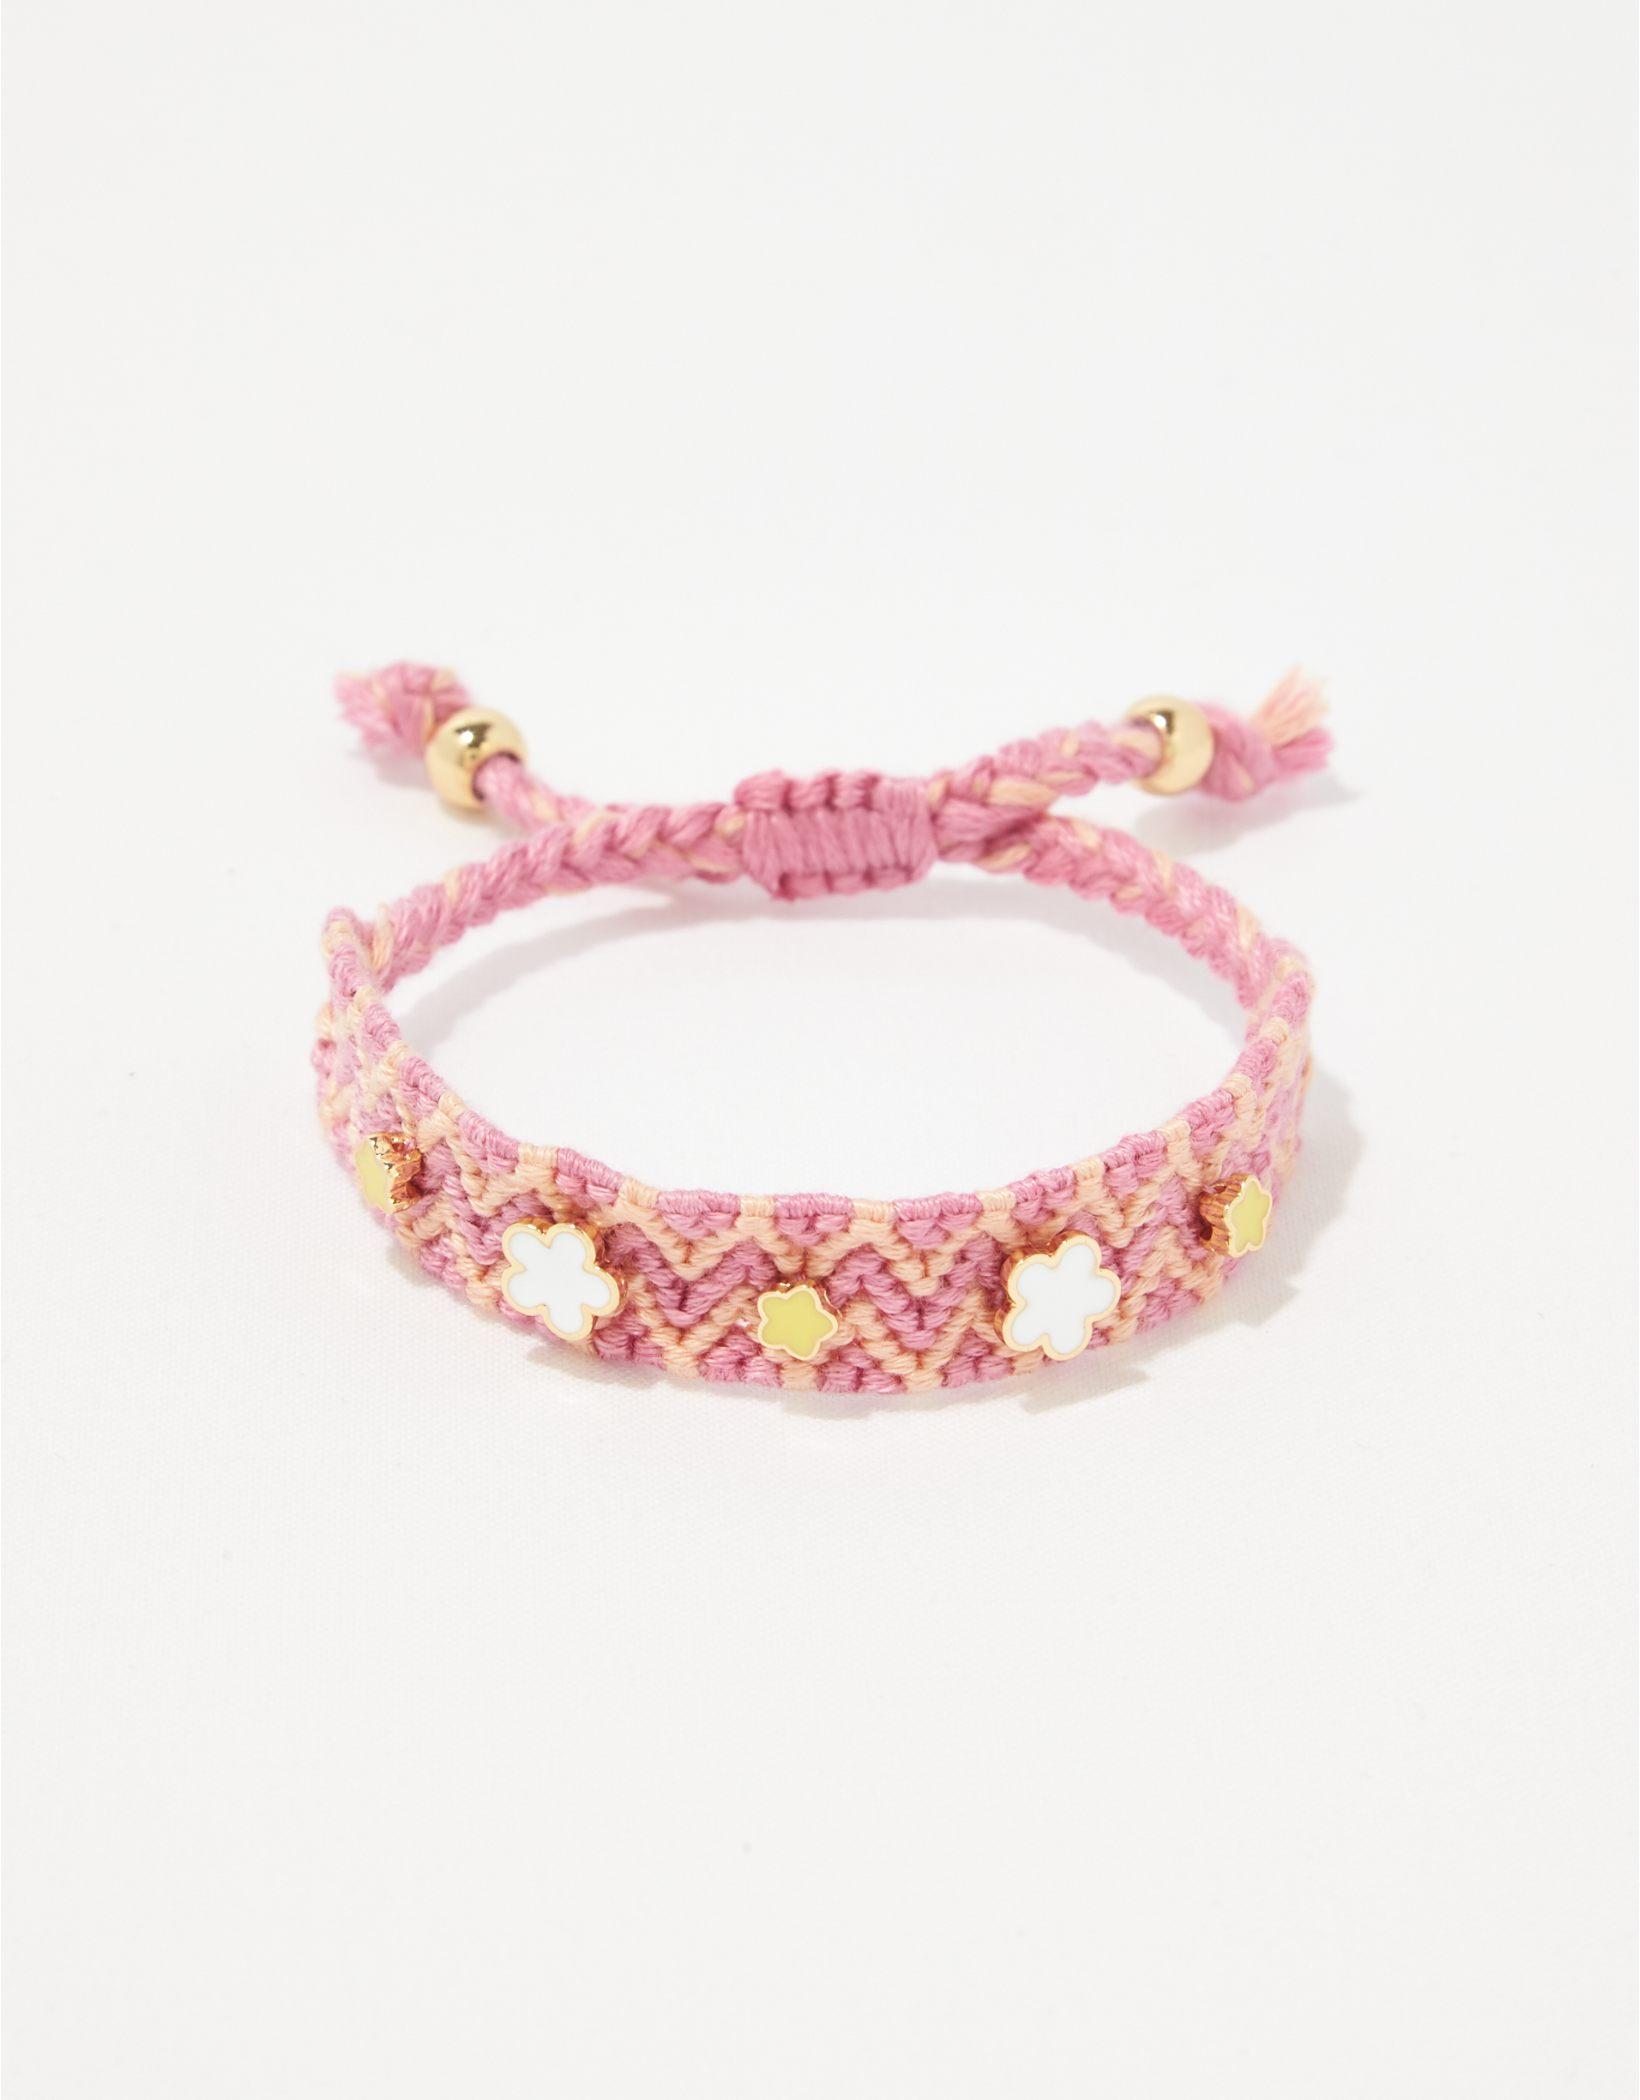 Aerie Woven Charm Bracelet